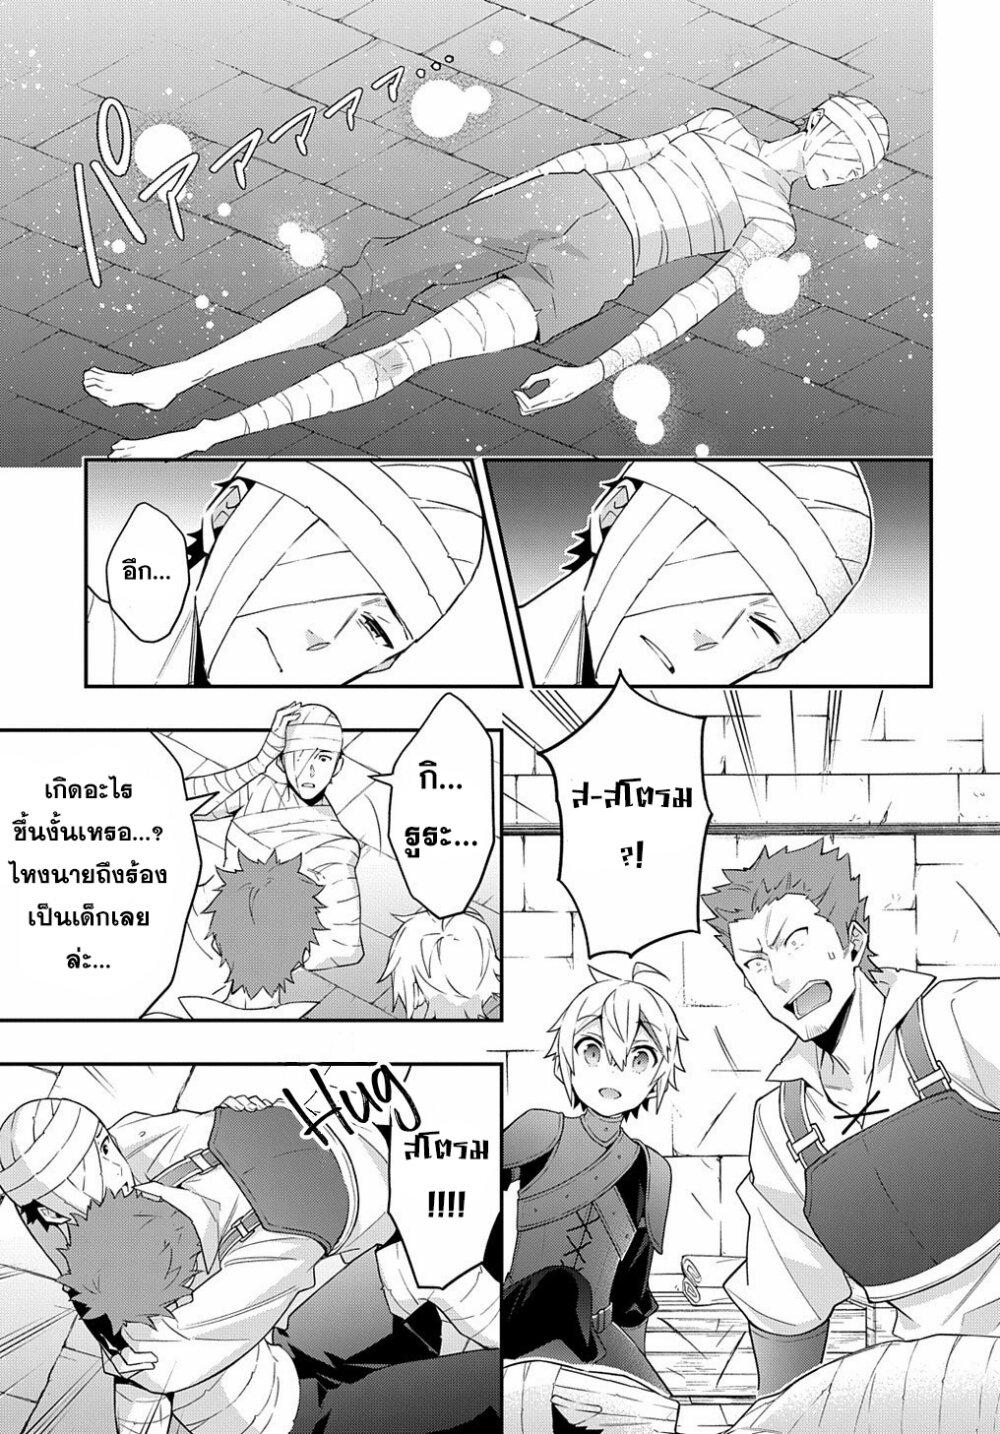 อ่านการ์ตูน Tensei Kizoku no Isekai Boukenroku ~Jichou wo Shiranai Kamigami no Shito~ ตอนที่ 30 หน้าที่ 5